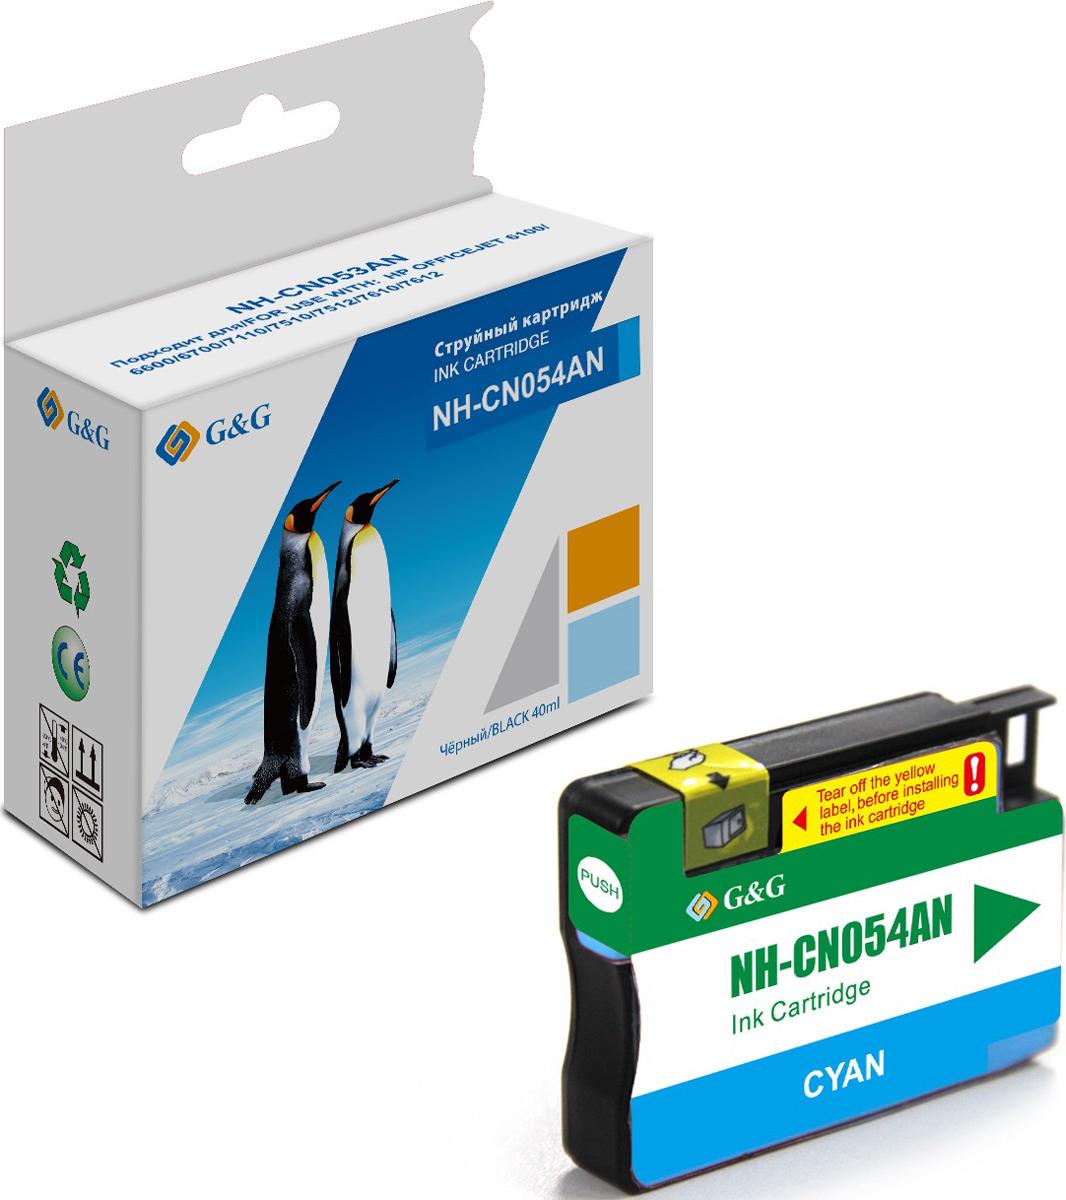 Картридж G&G NH-CN054AN 933XL для HP OJ Pro 6100/6600/6700/7110/7510/7610/7612 (14 ml), голубой printer 7110 hp